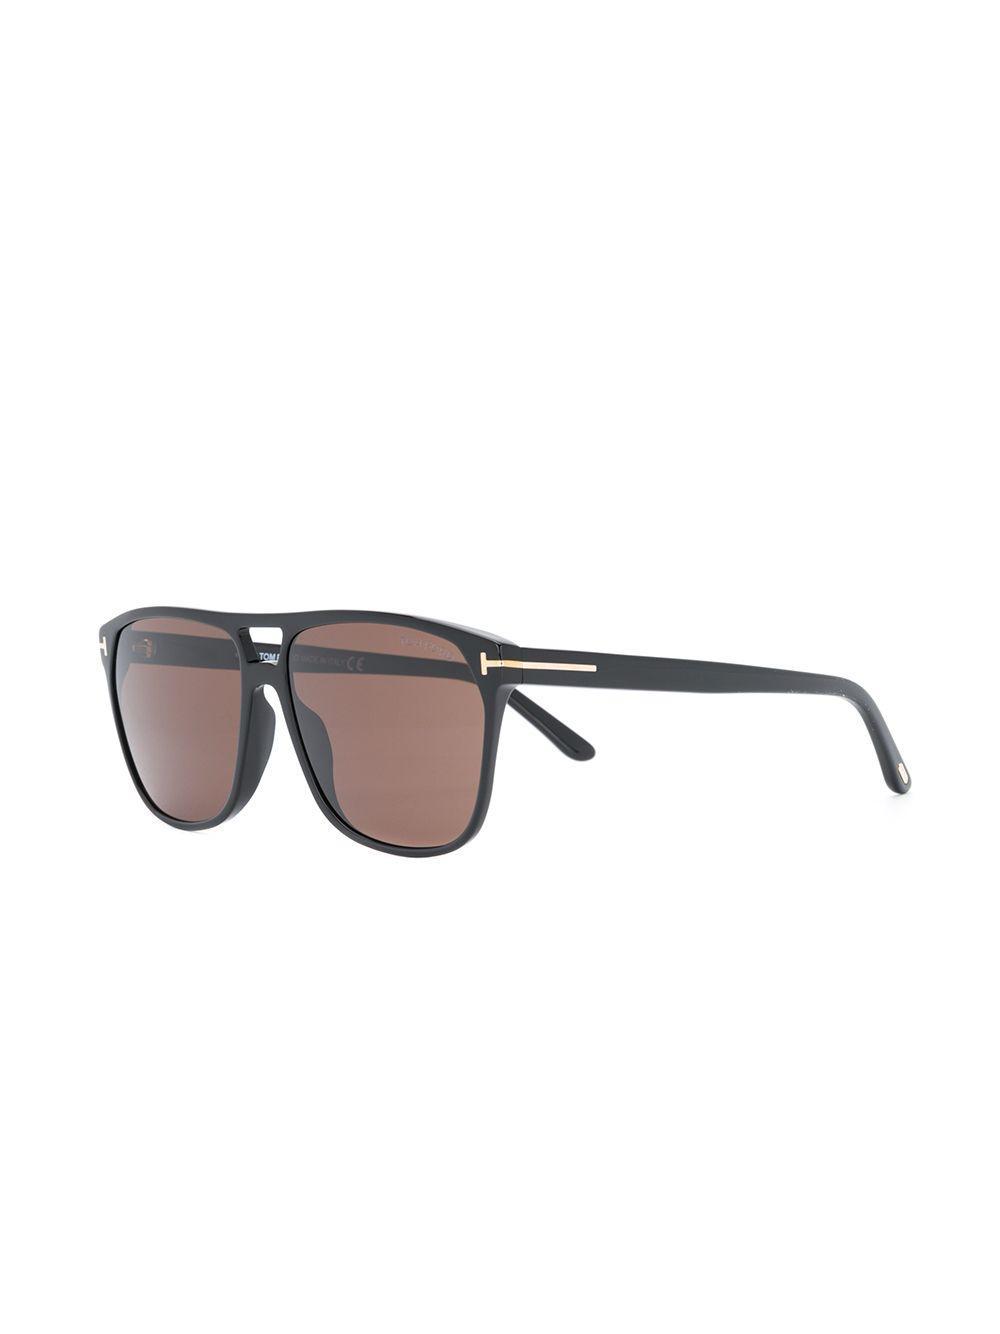 84d47c7af67 Tom Ford Square Frame Sunglasses in Black for Men - Lyst